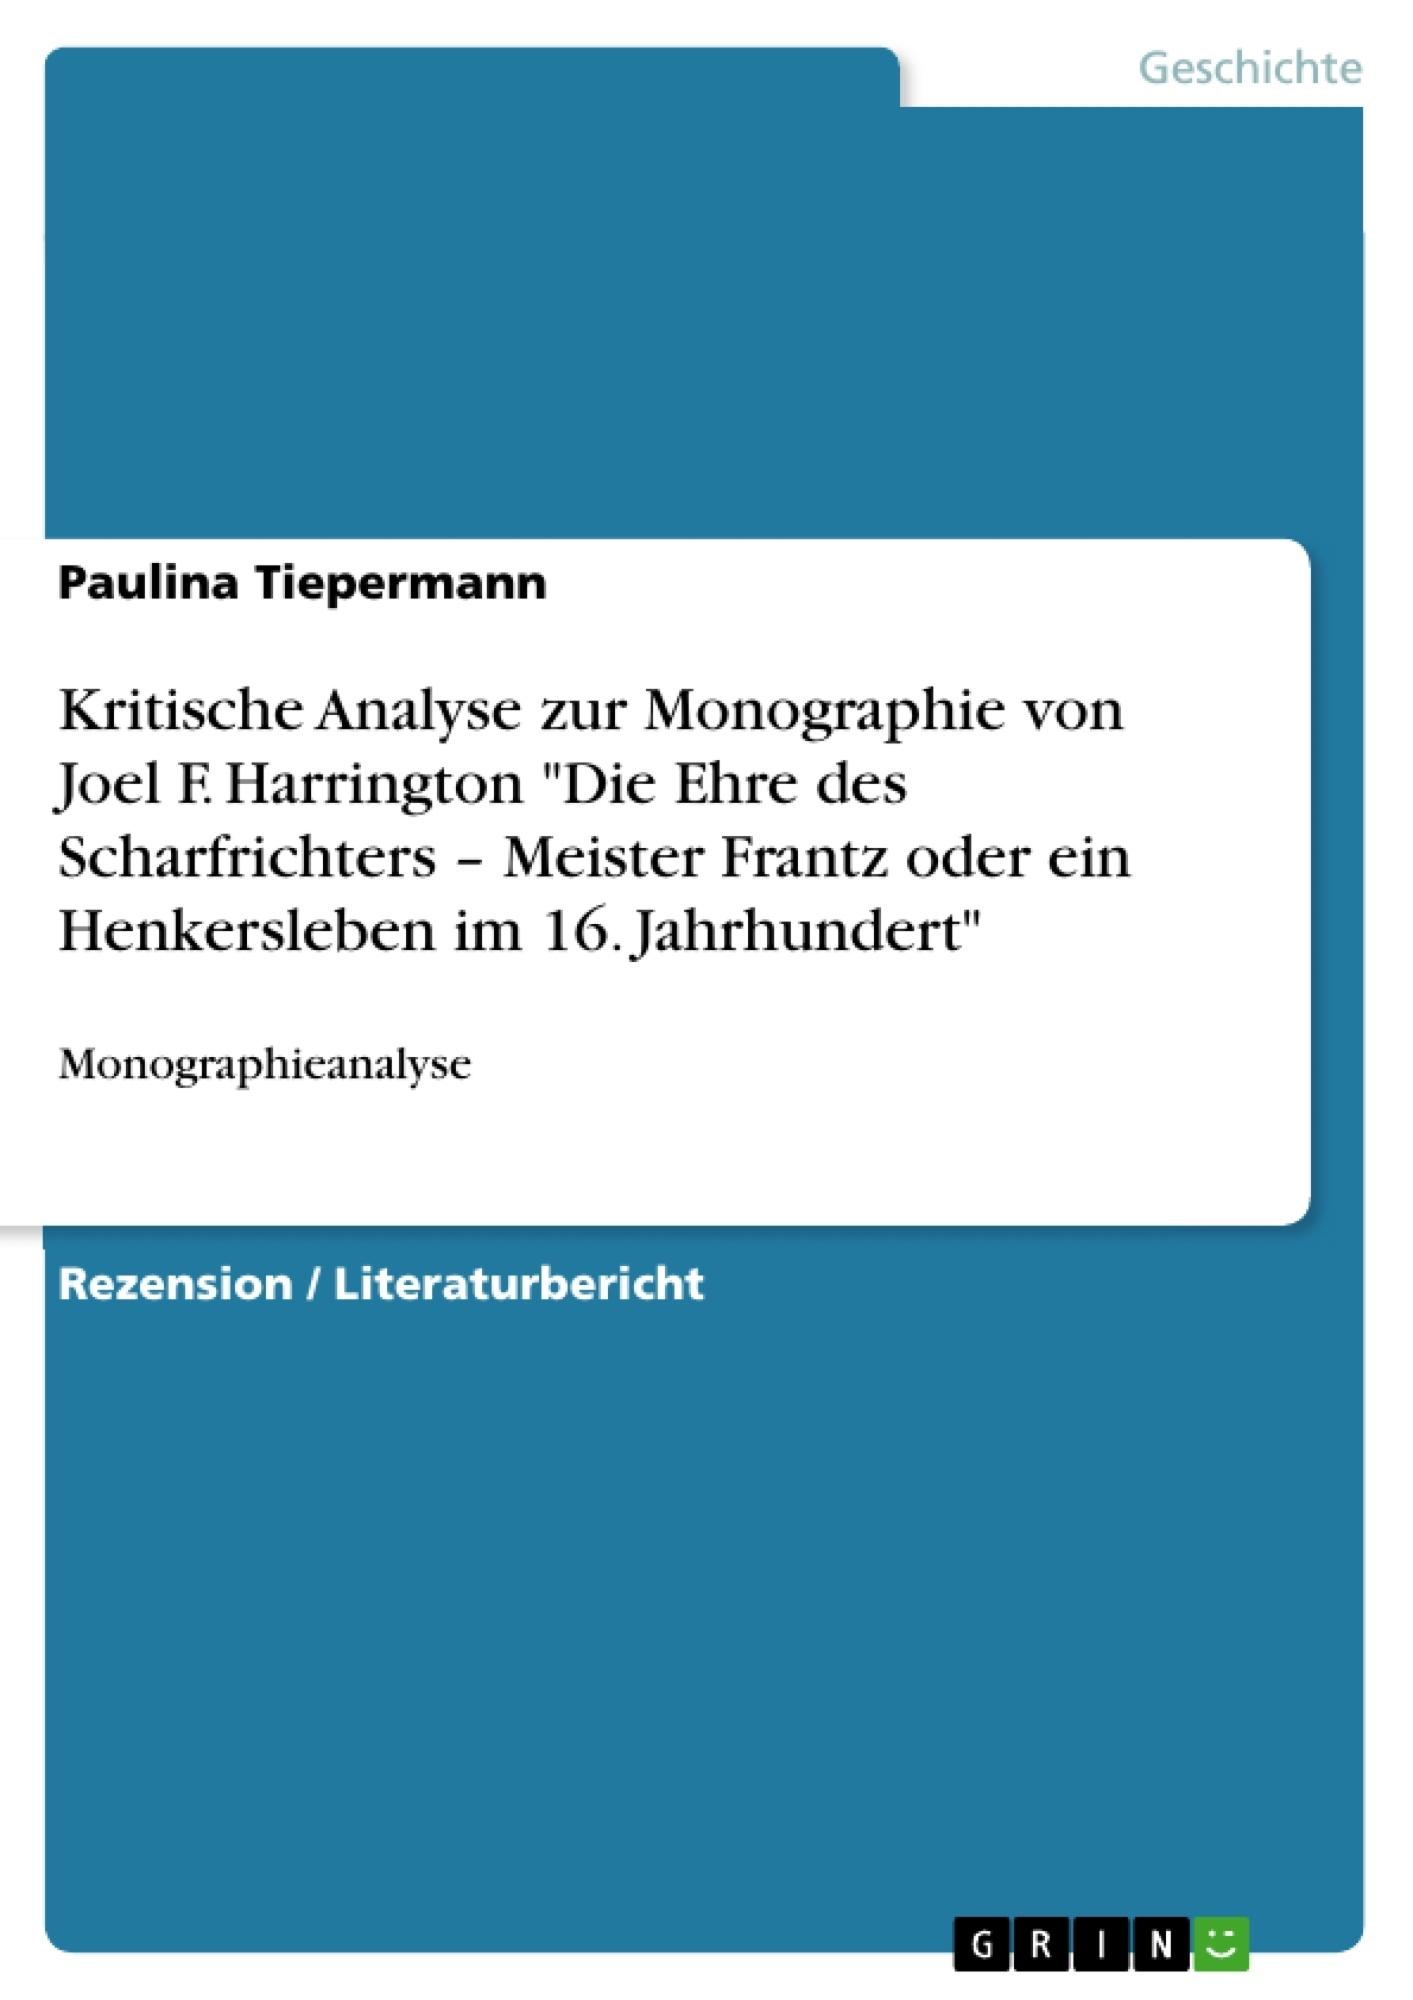 """Titel: Kritische Analyse zur Monographie von Joel F. Harrington """"Die Ehre des Scharfrichters – Meister Frantz oder ein Henkersleben im 16. Jahrhundert"""""""